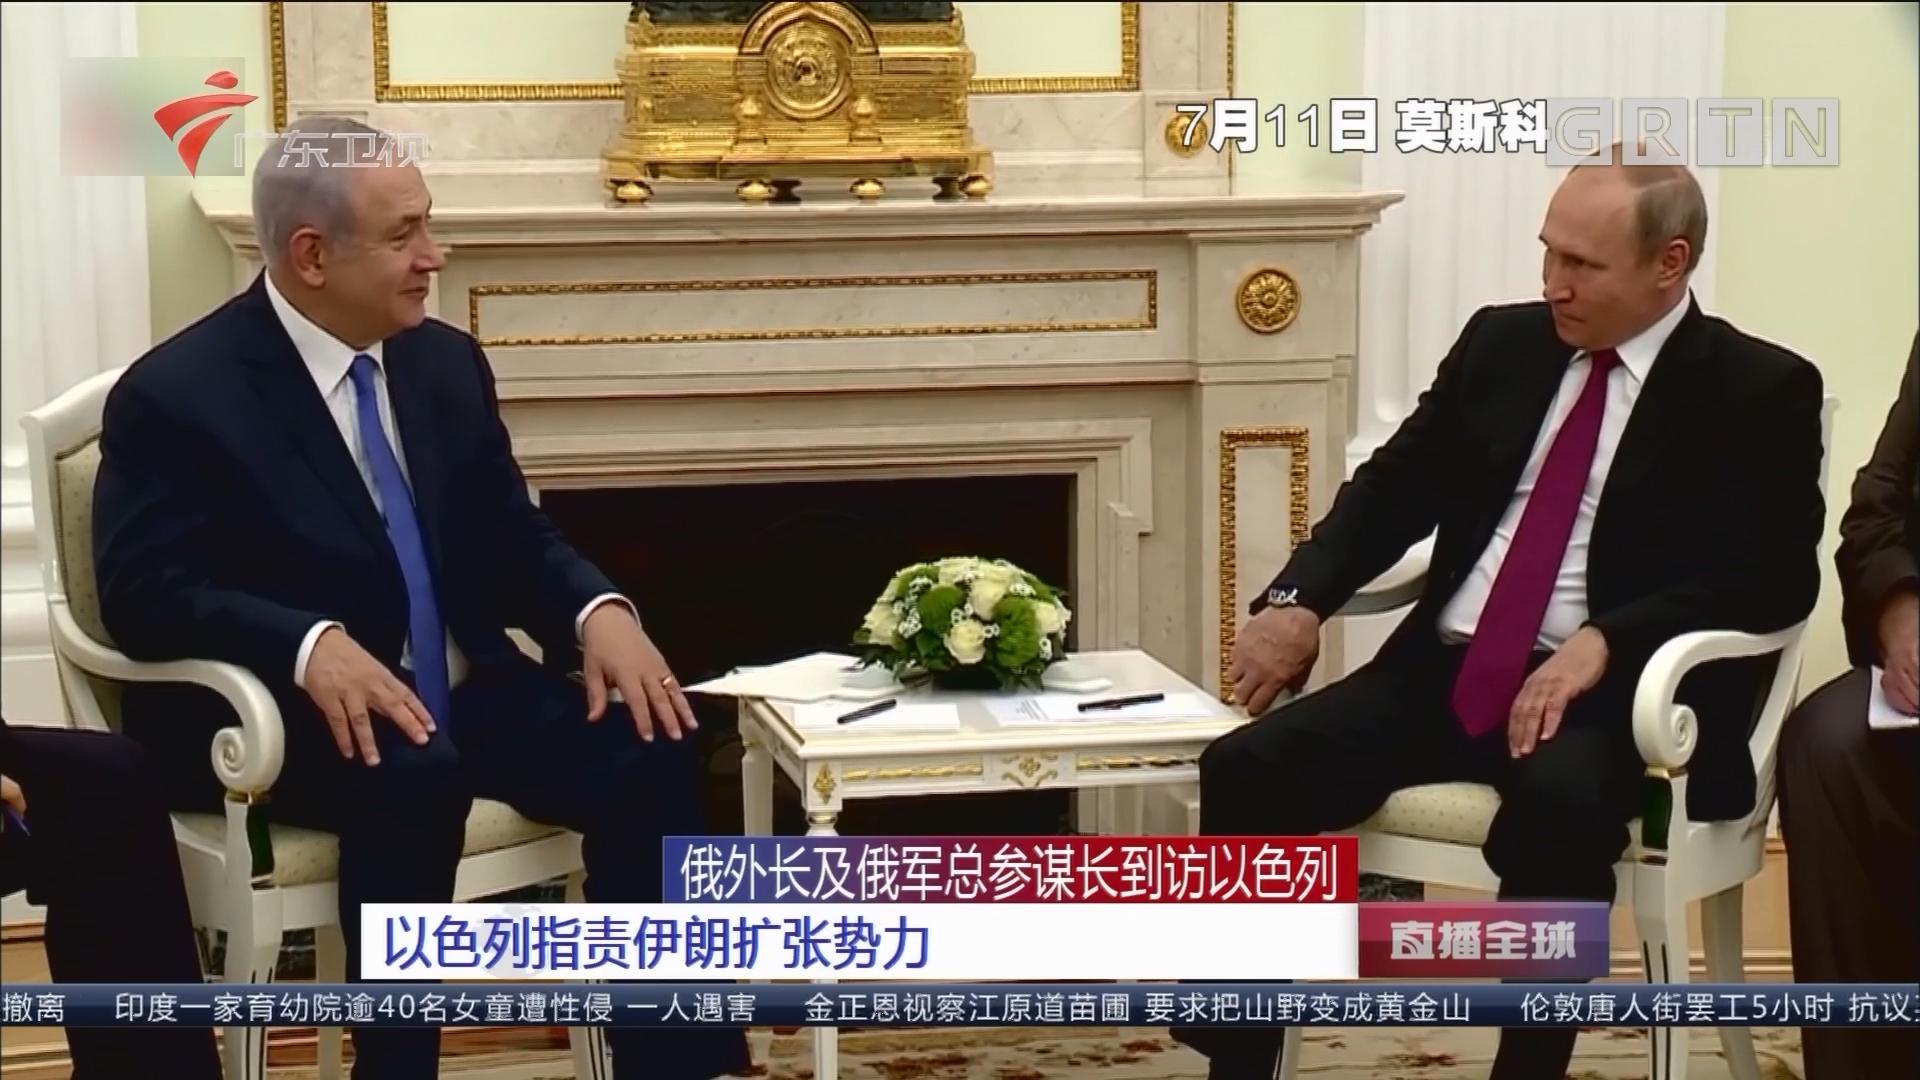 俄外长及俄军总参谋长到访以色列:以总理拒绝伊朗军队在叙存在提议